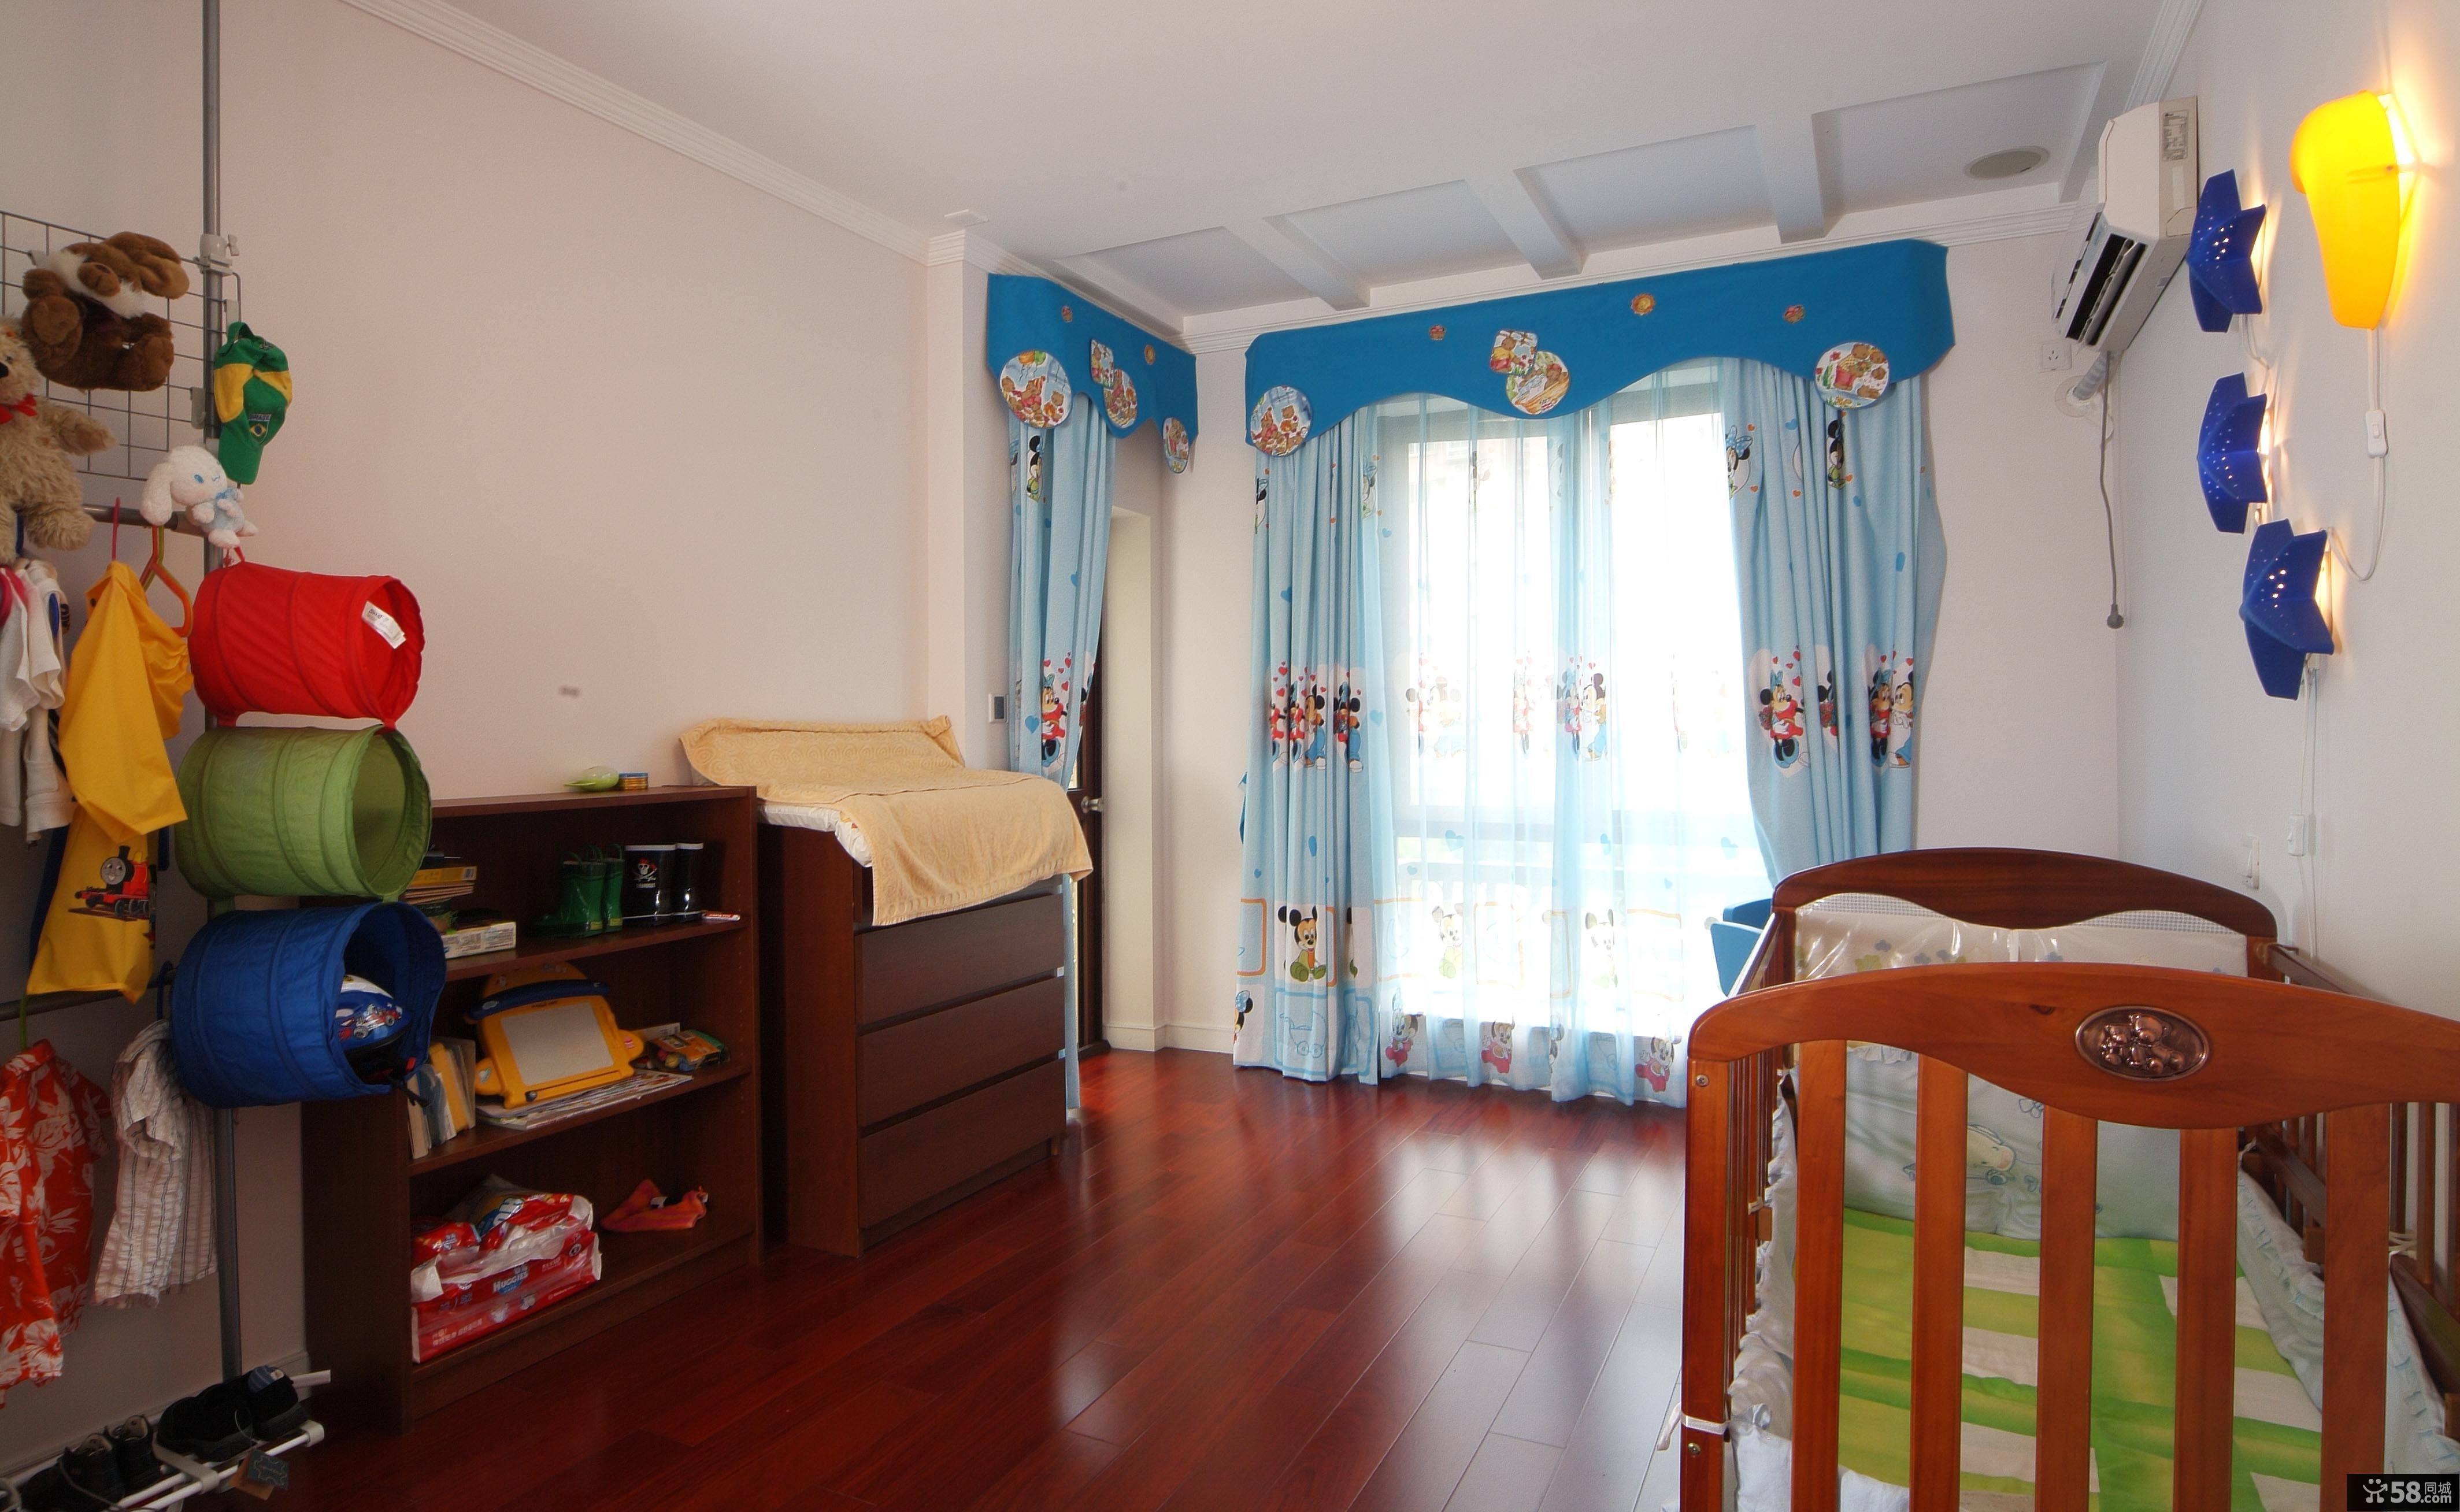 美式风格家居设计可爱儿童房装修